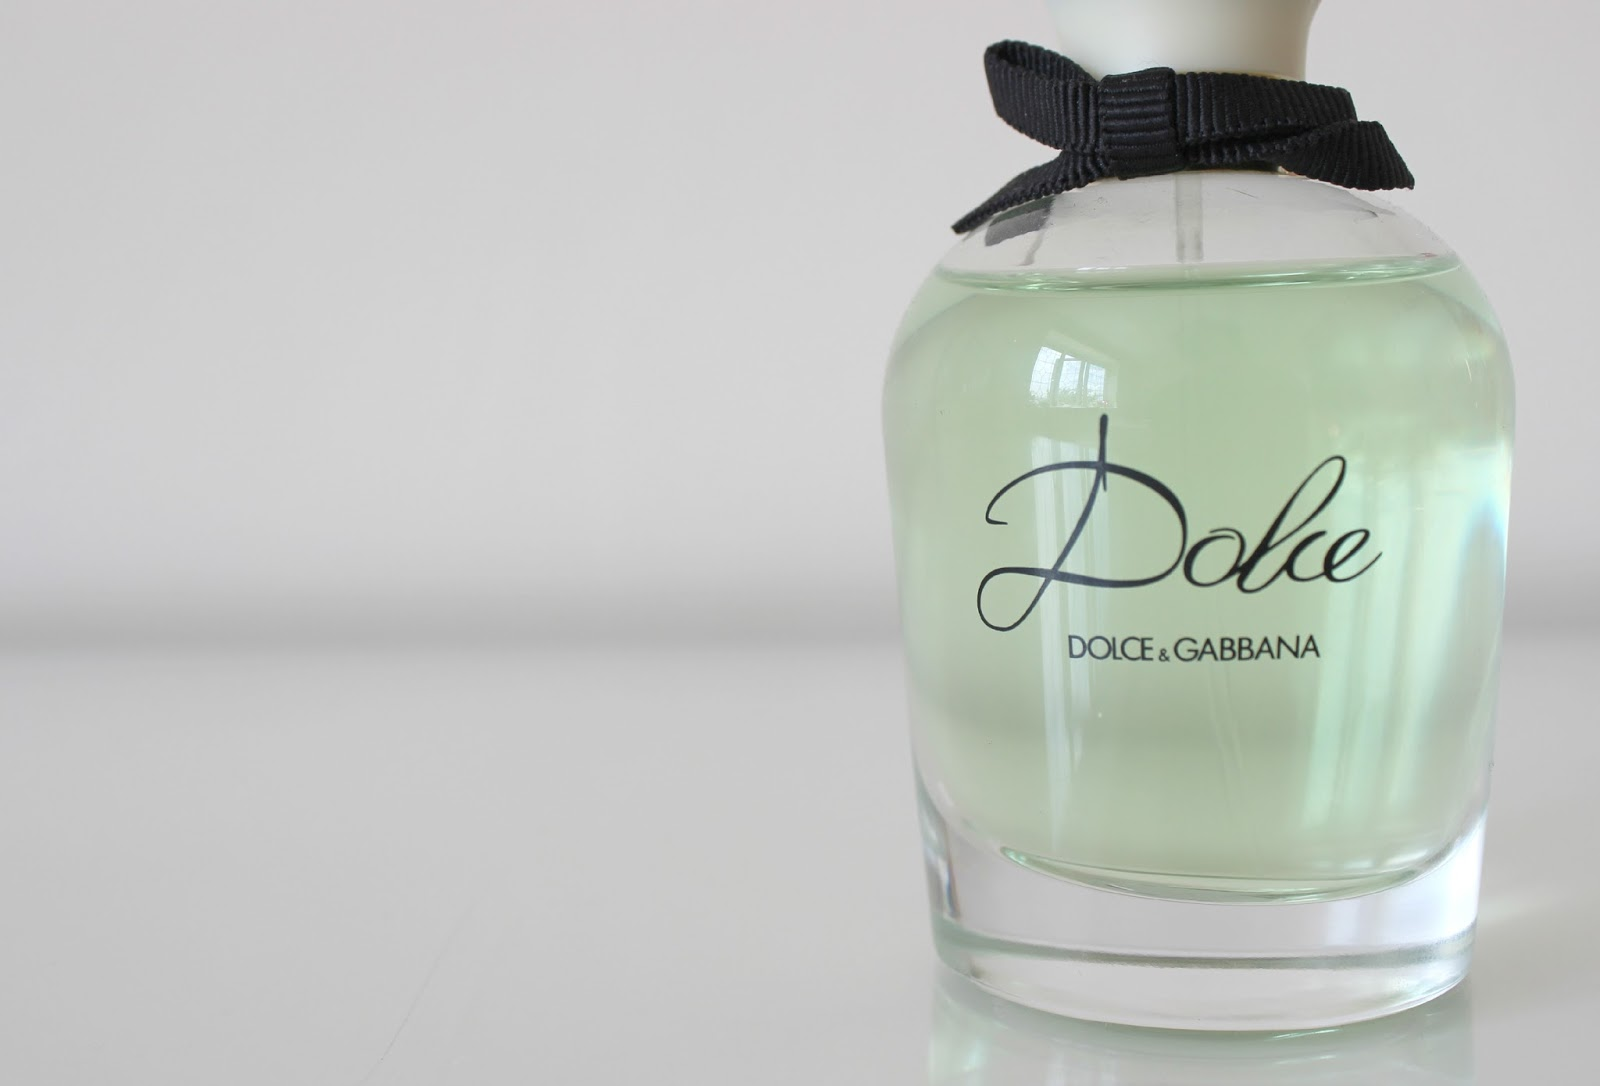 A picture of Dolce by Dolce & Gabbana Eau de Toilette